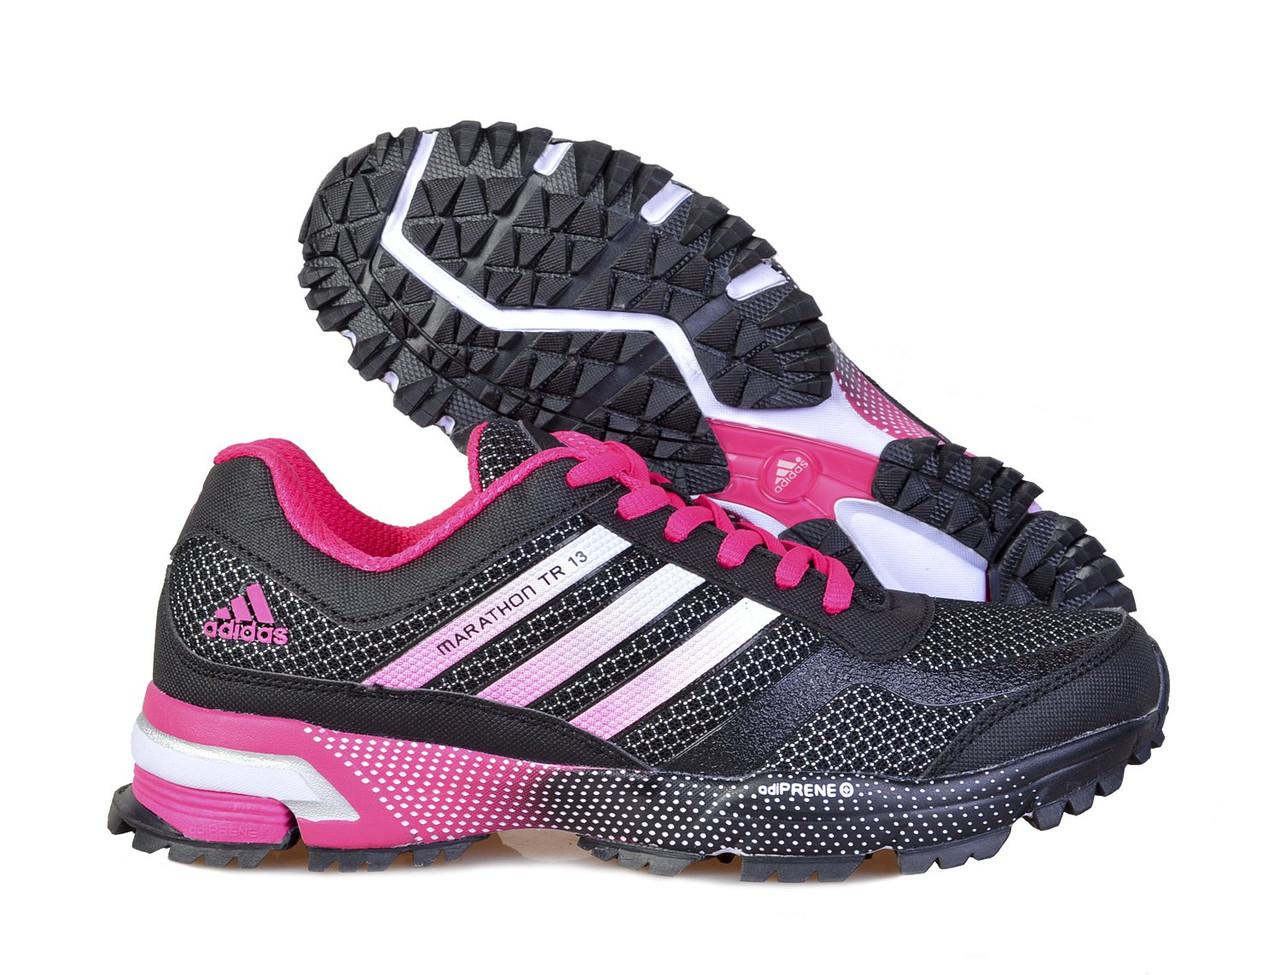 86ef9c52 Женские беговые кроссовки Adidas Marathon - Обувь и одежда с доставкой по  Украине в Киеве